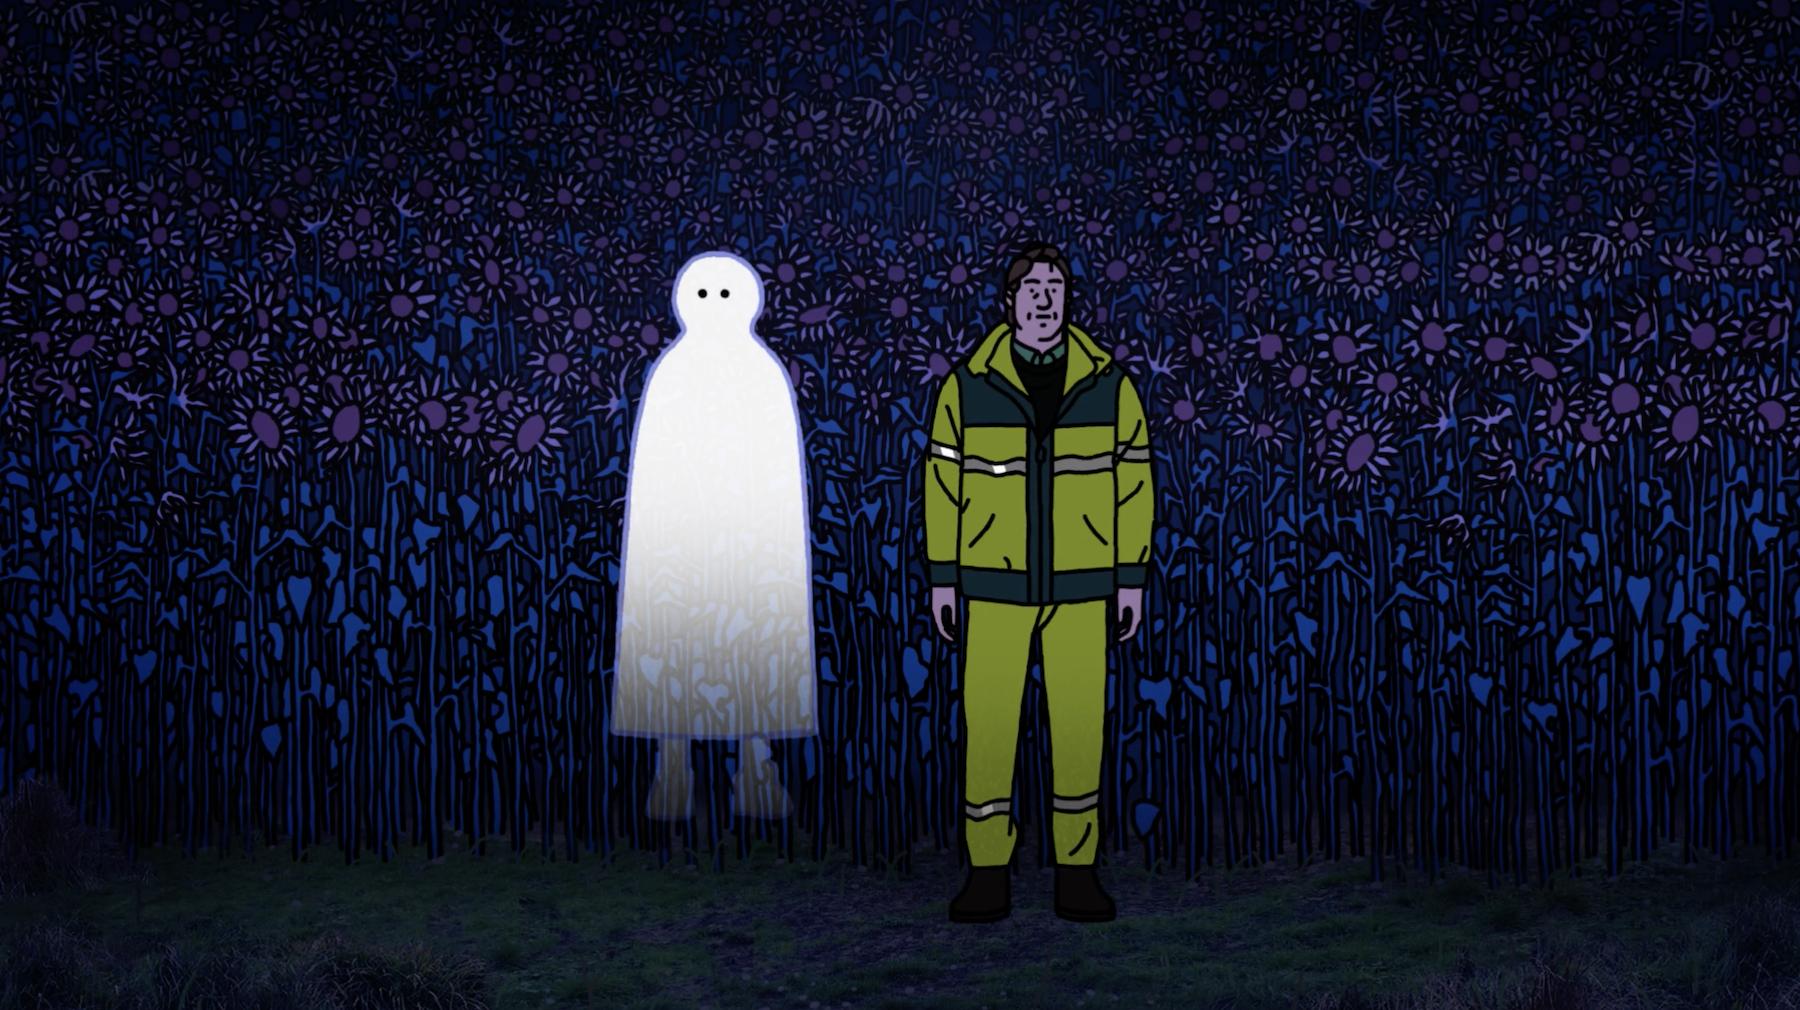 """""""Mon ami qui brille dans la nuit"""" : un film touchant qui aborde la mort avec poésie et créativité"""